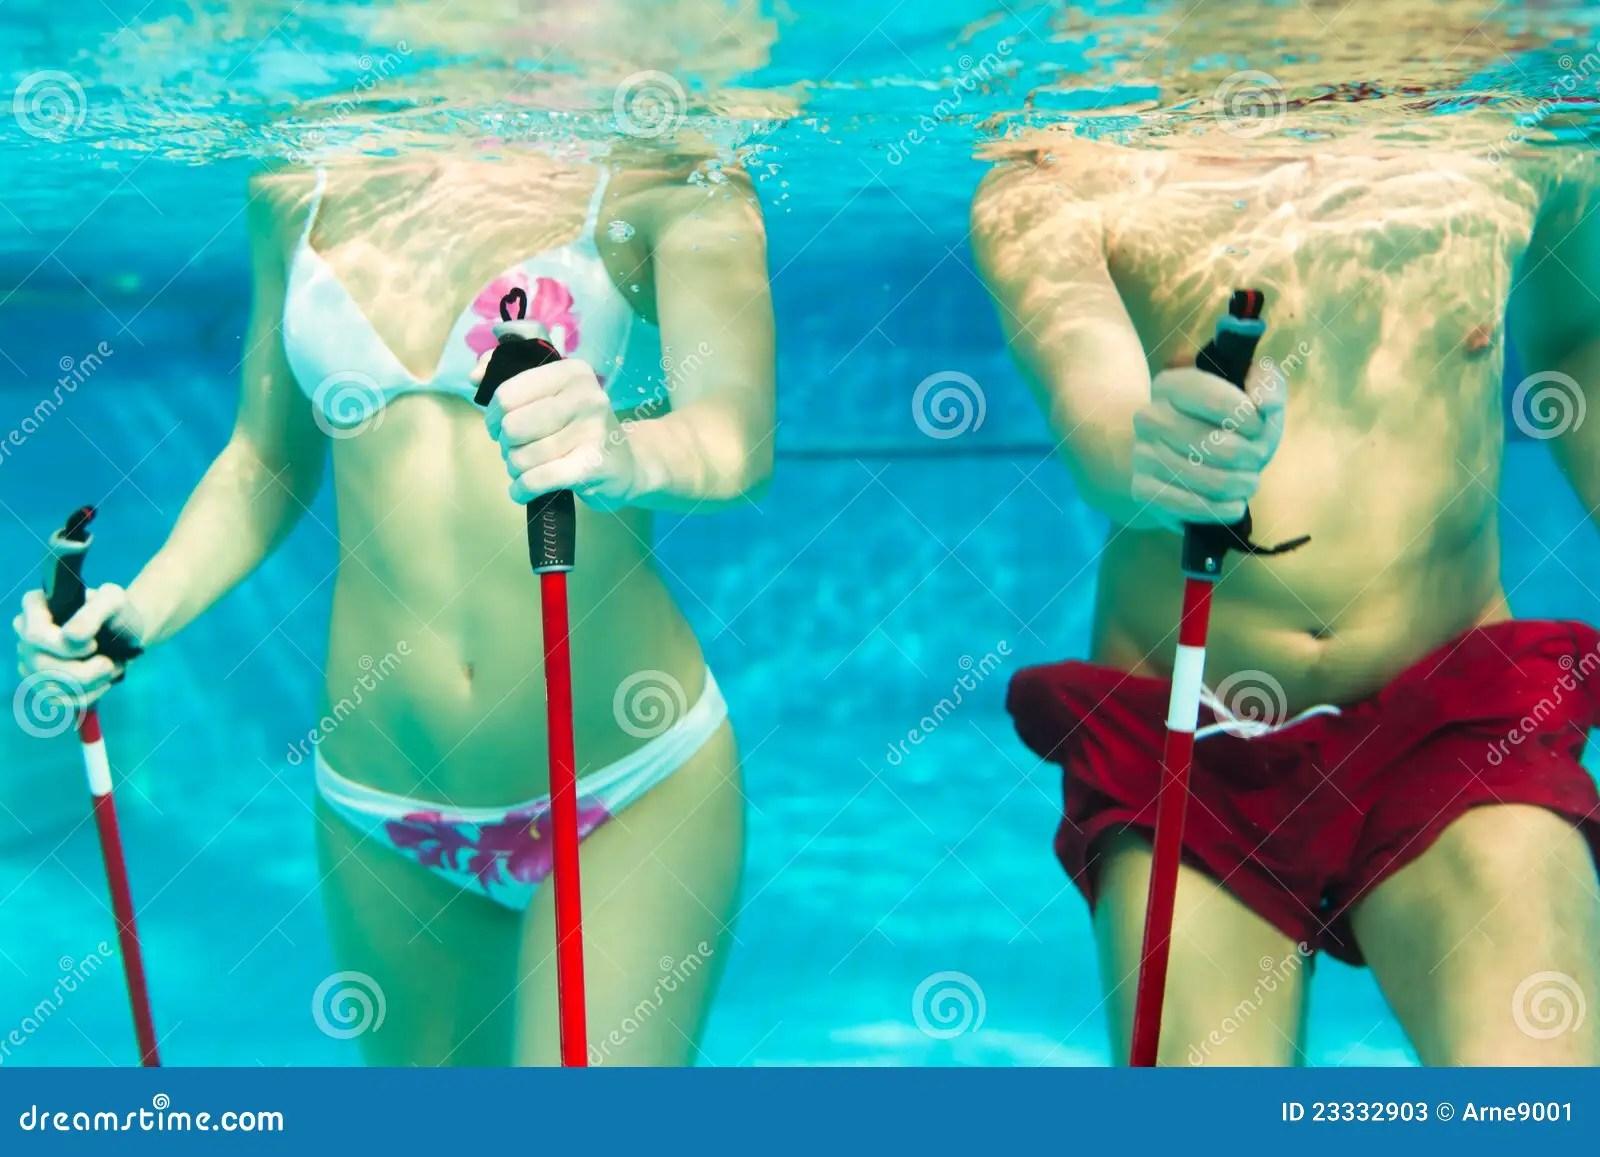 Deportes Y Gimnasia Bajo El Agua En Piscina Imagen de archivo  Imagen de aerbicos walking